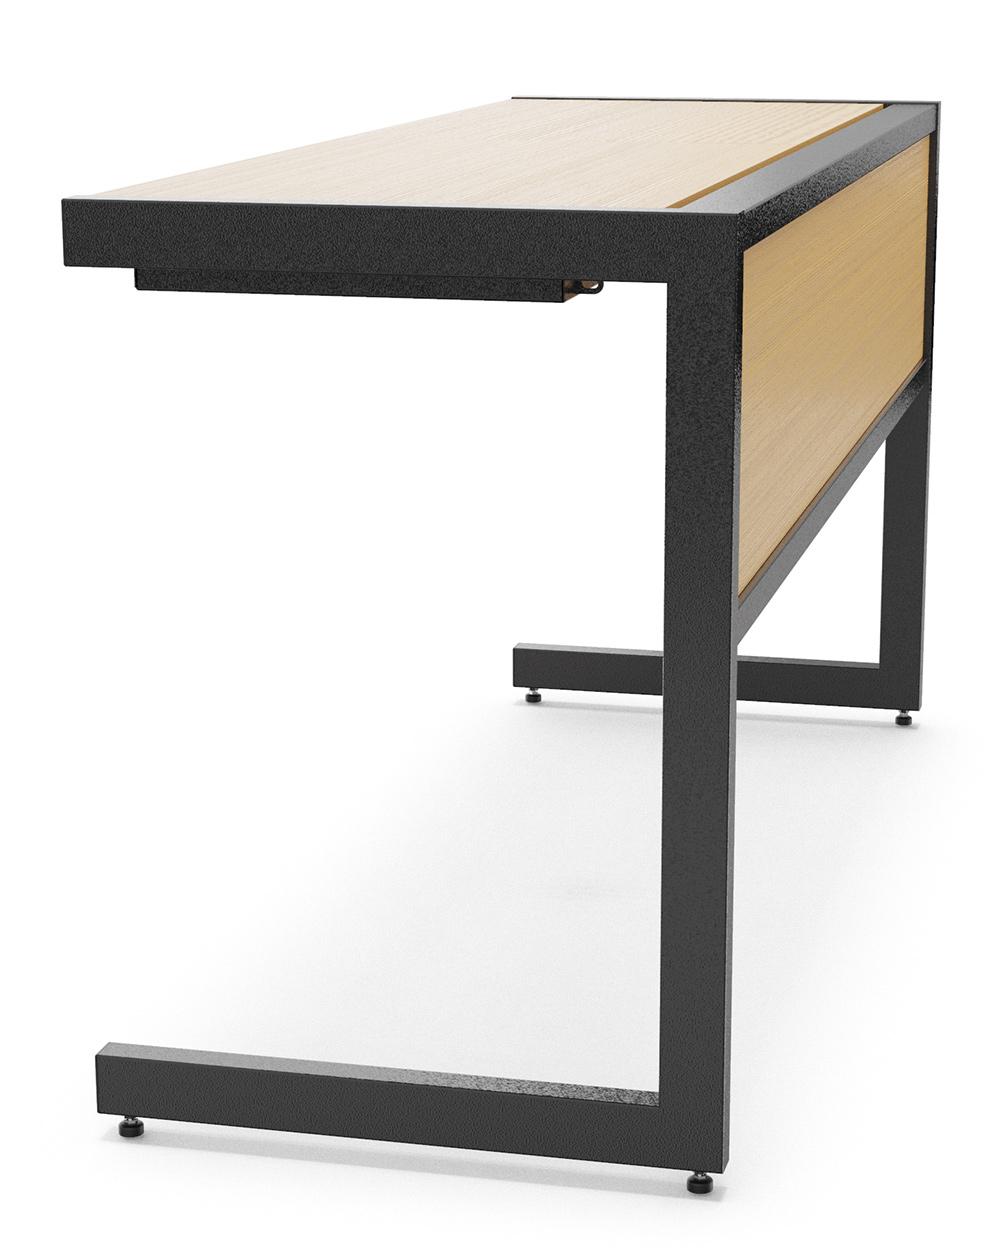 Vista lateral da mesa mostrando com o compartimento para notebook é discreto.